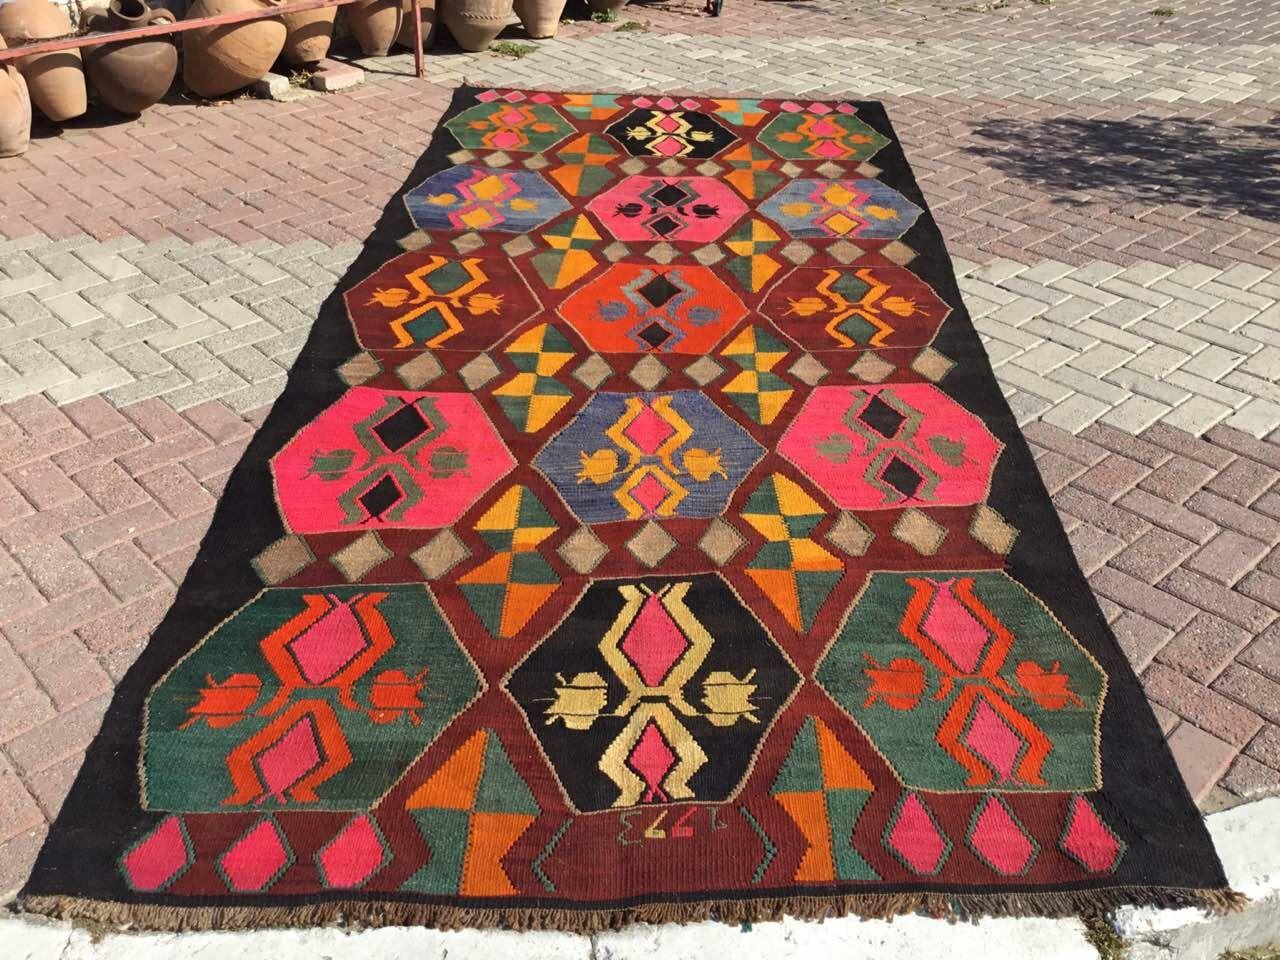 Colorful Stripe Velvet Large Area Rug Ideias De Decoracao Para Casa Colormix Moveis De Paletes